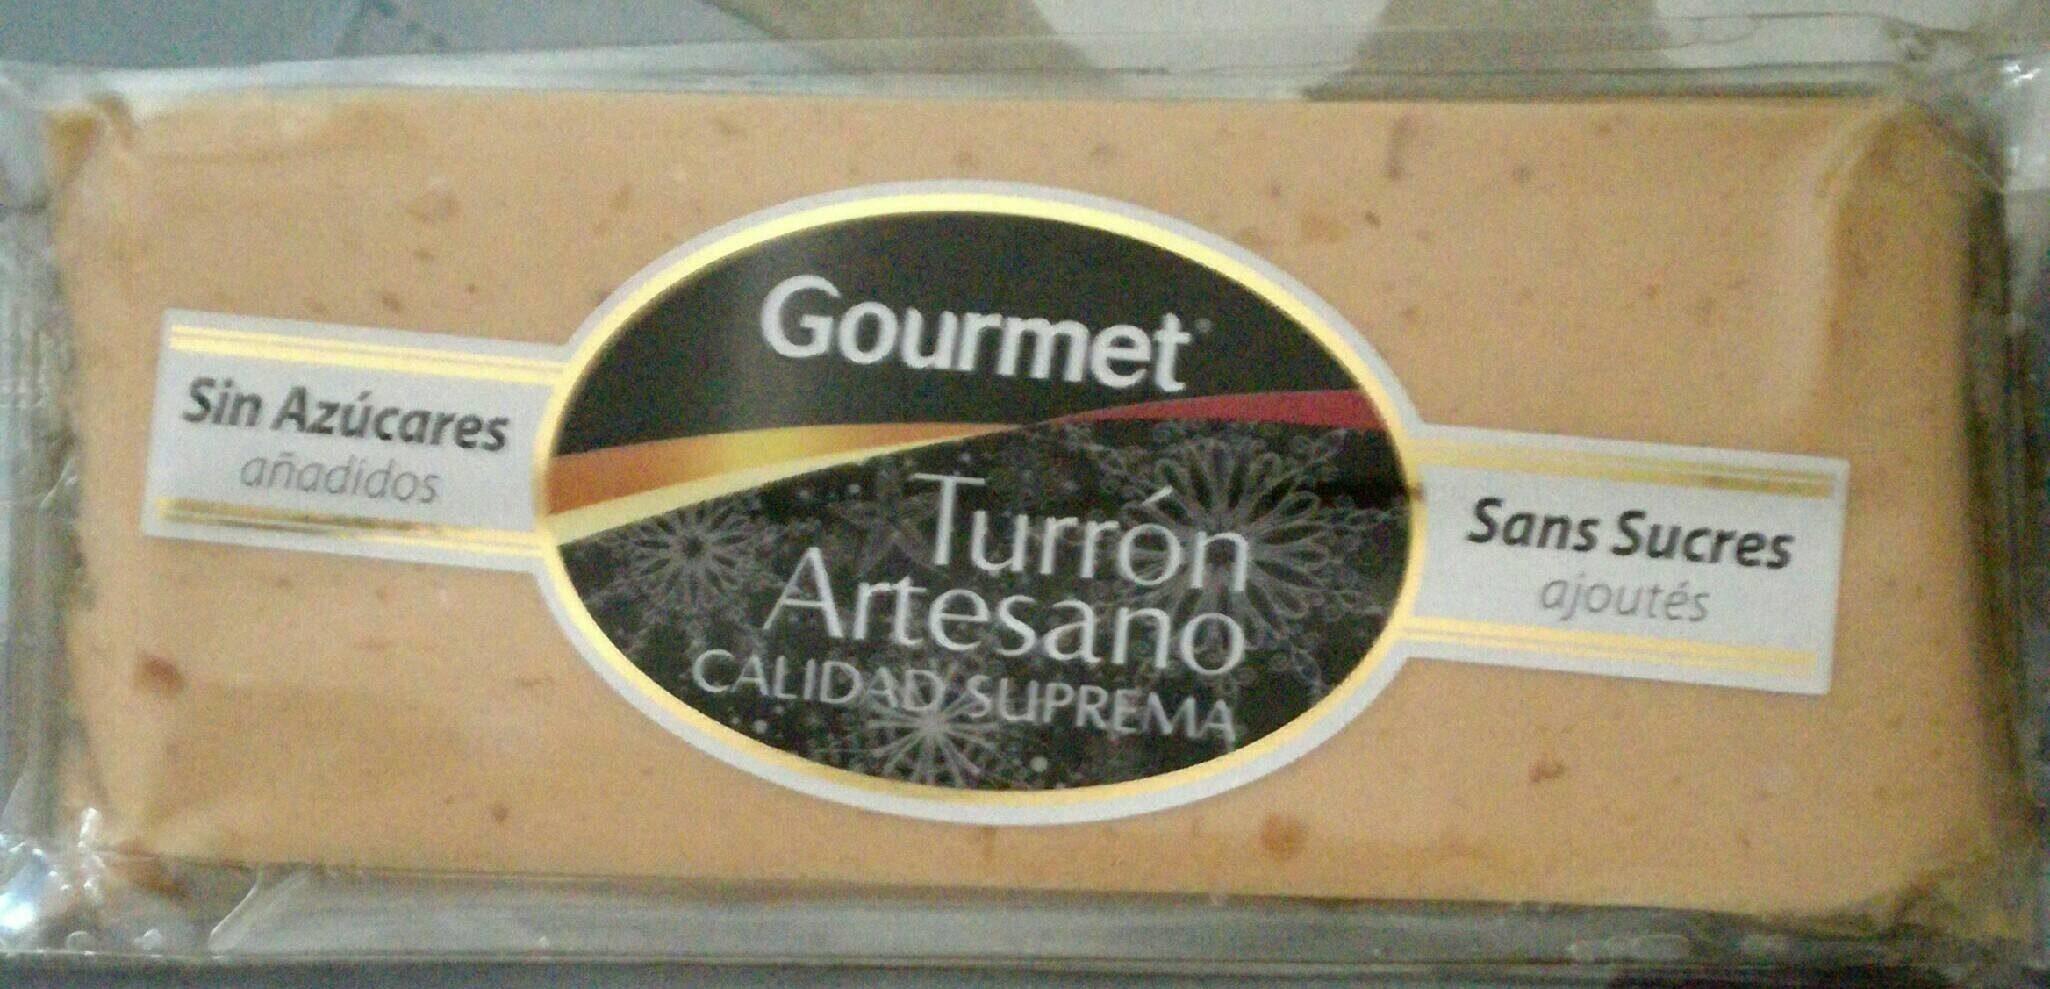 Turrón Artesano calidad suprema - Product